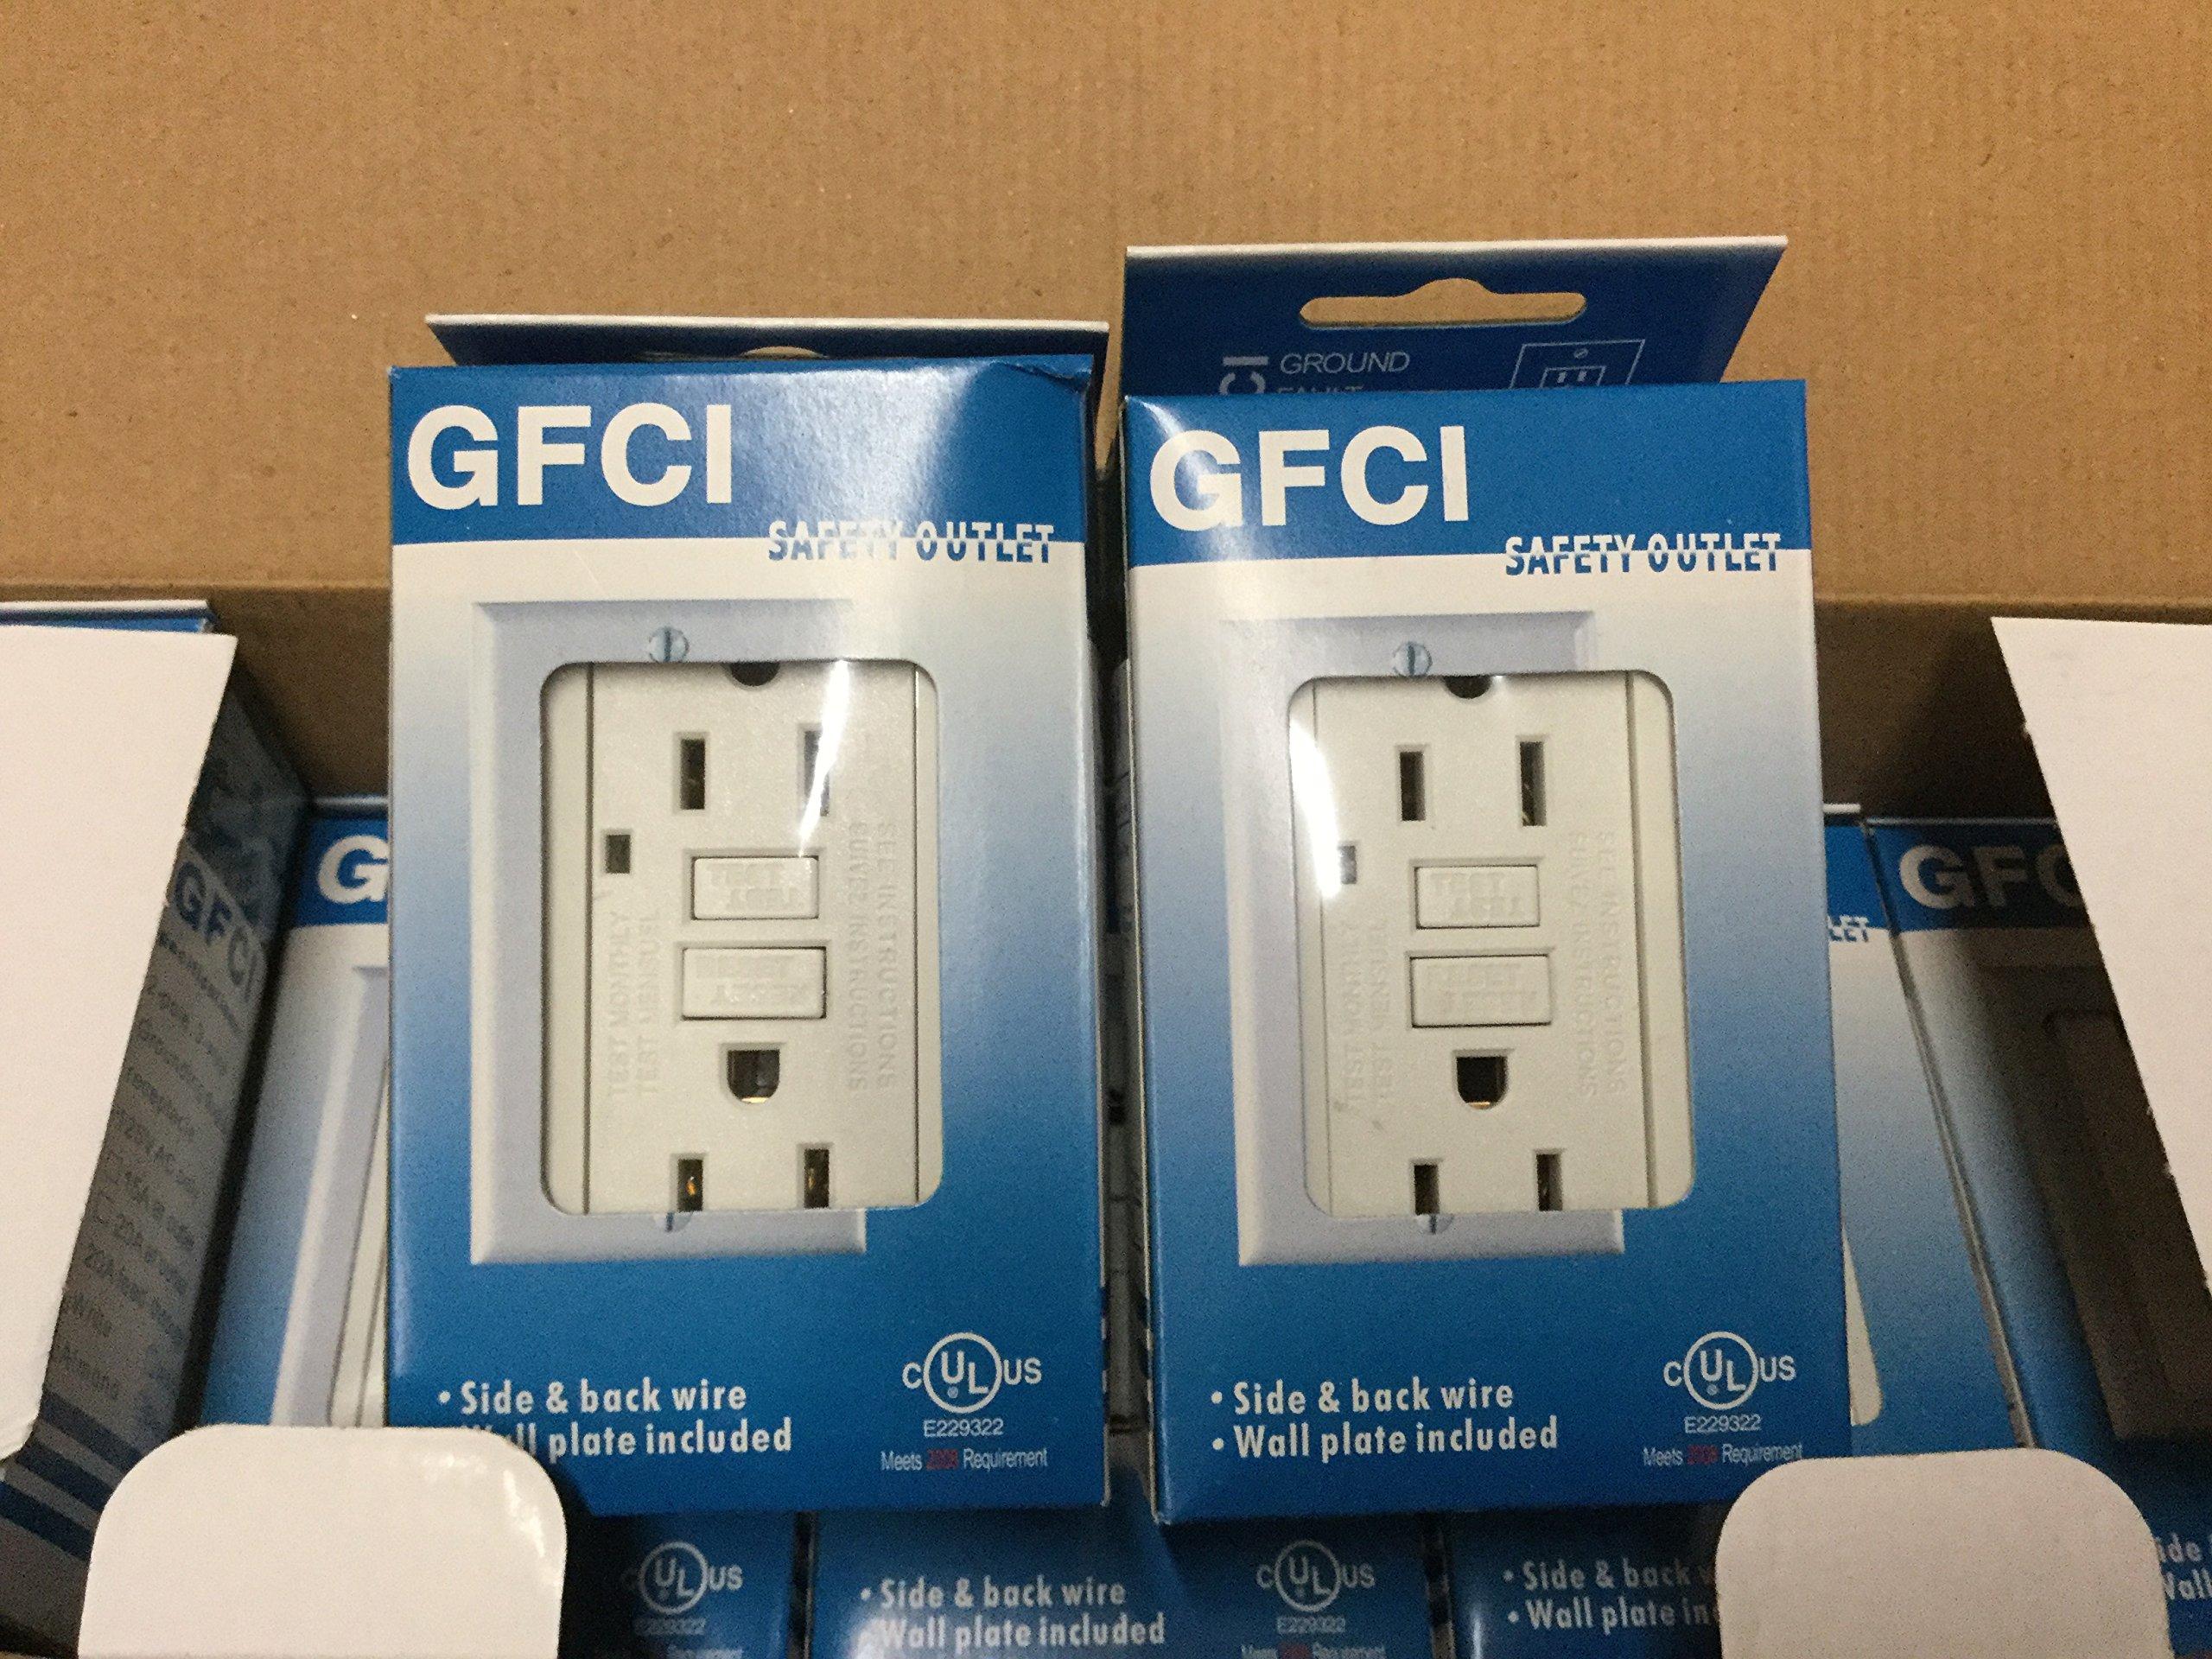 Gfi Gfci Outlet 15 Amp 120 V White Color, 100 Pack